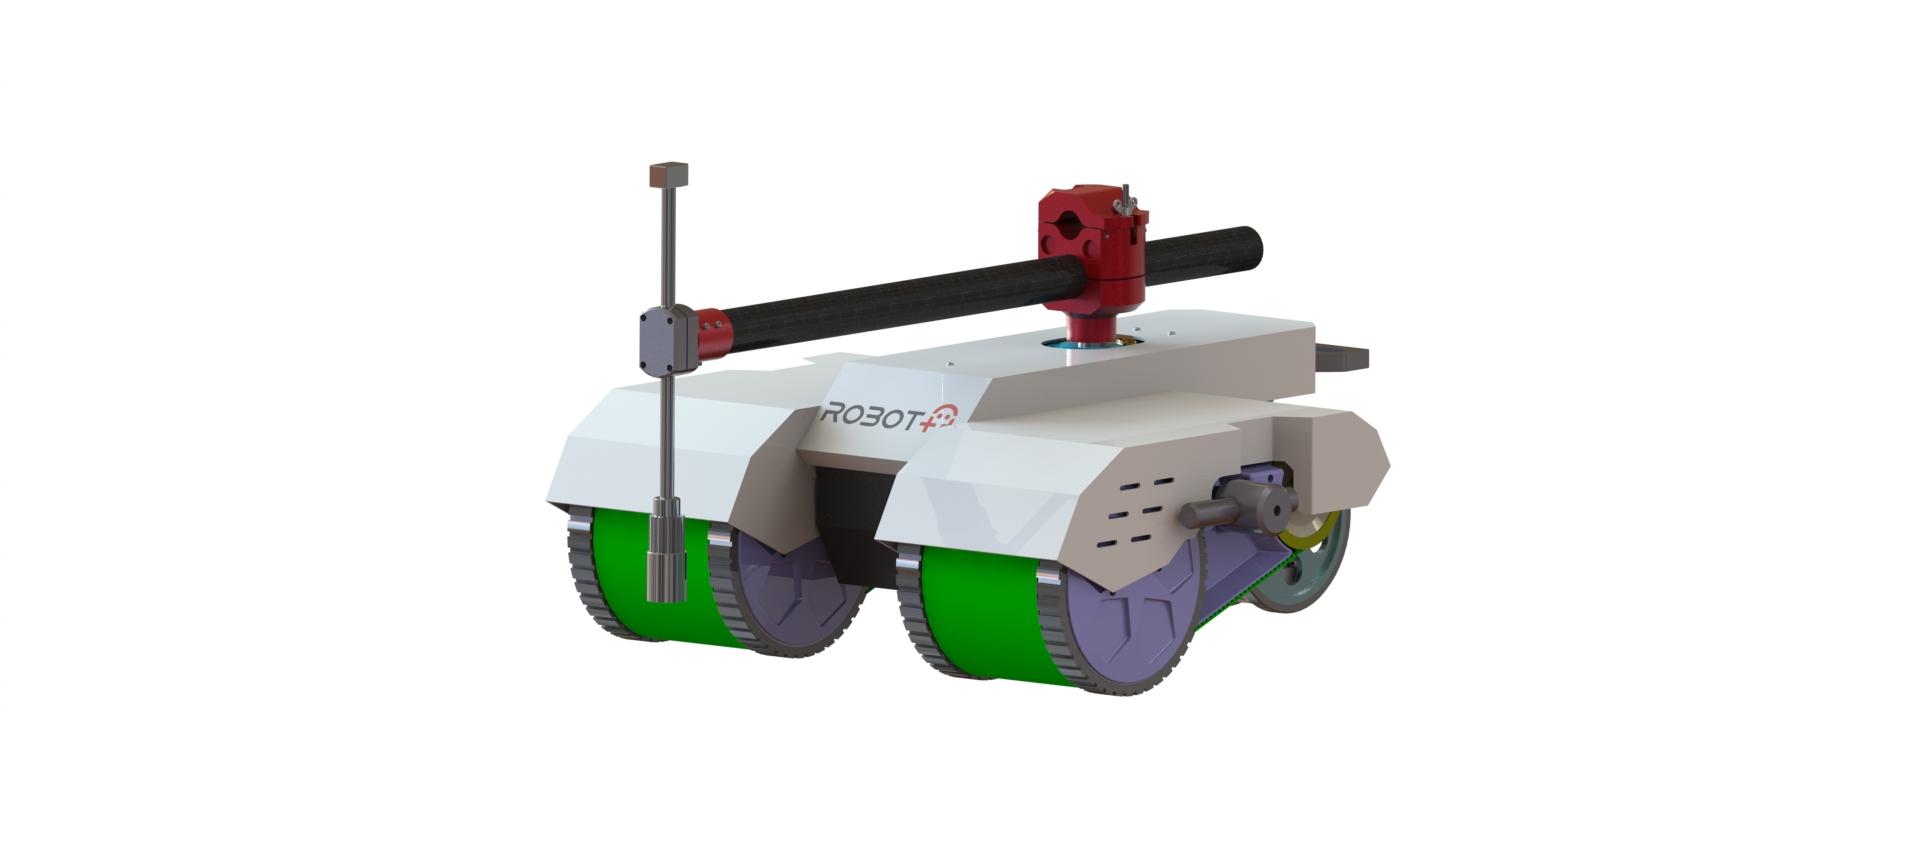 八个月完成两轮融资,史河科技用爬壁机器人变革高危作业